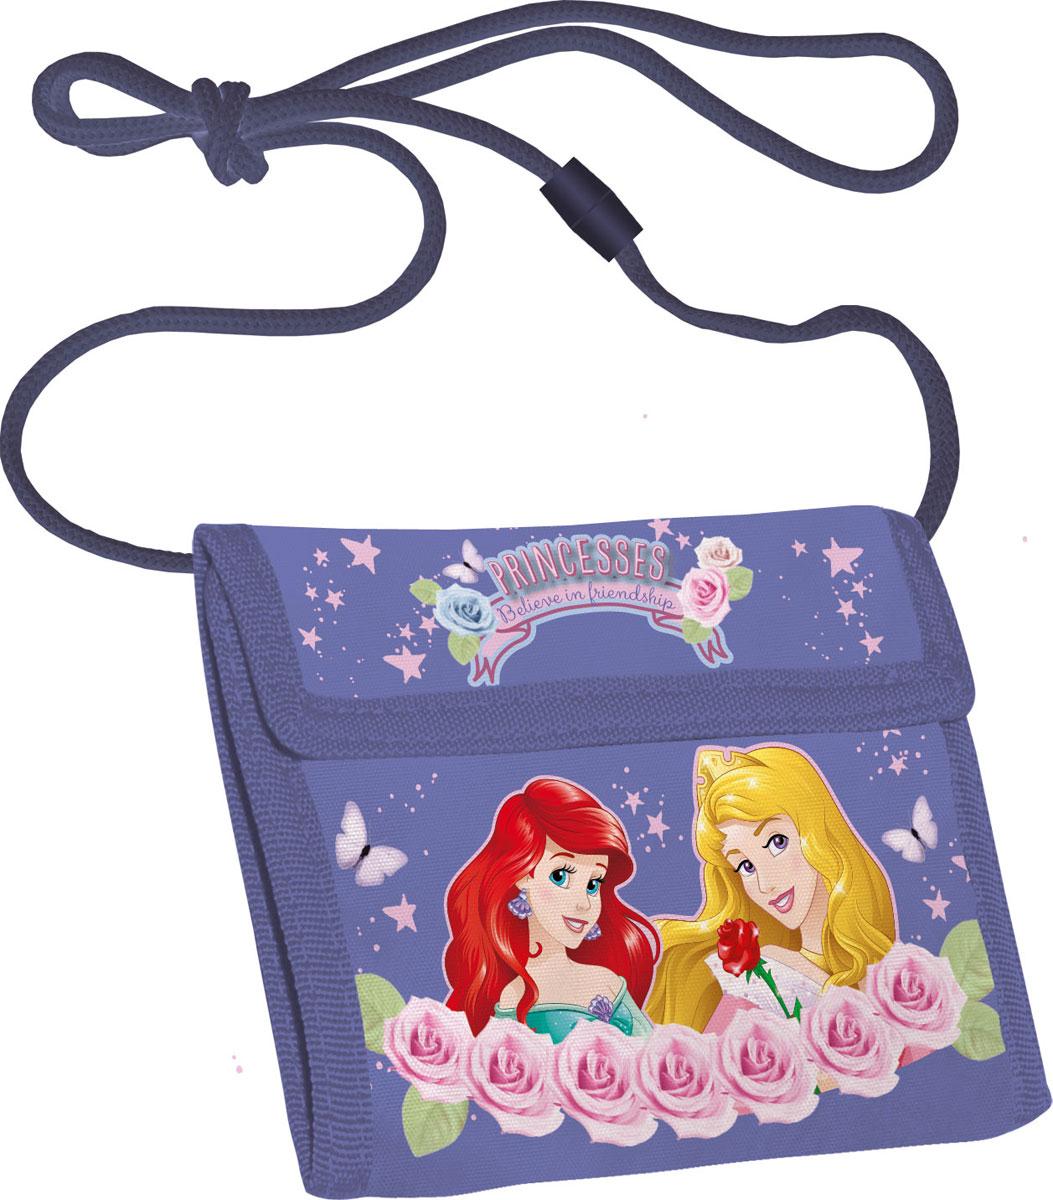 Кошелек детский Disney Princess, цвет: сиреневыйBM8434-58AEЯркий детский кошелек Disney Princess выполнен из полиэстера и оформлен красочным рисунком. Внутри кошелек оснащен отделением для денежных купюр и карманом на застежке-молнии. Кошелек складывается втрое и закрывается широким клапаном на липучку. На внутренней стороне предусмотрен шнурок, с помощью которого изделие можно носить через плечо или на шее.Кошелек Disney Princess станет надежным спутником для вашего ребенка!